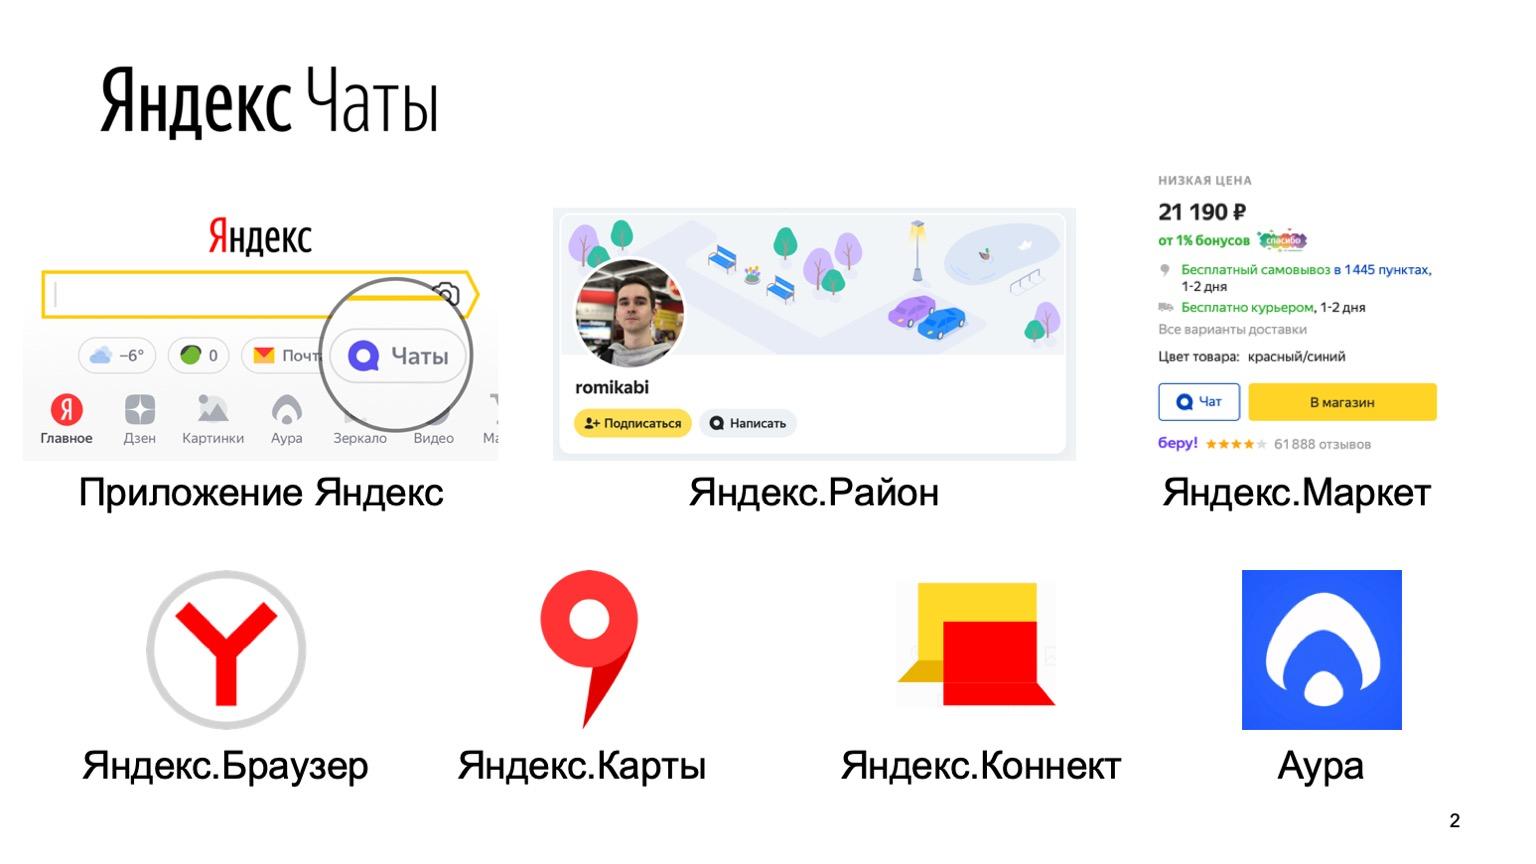 Мобильная разработка — это просто и скучно? Доклад Яндекса - 2